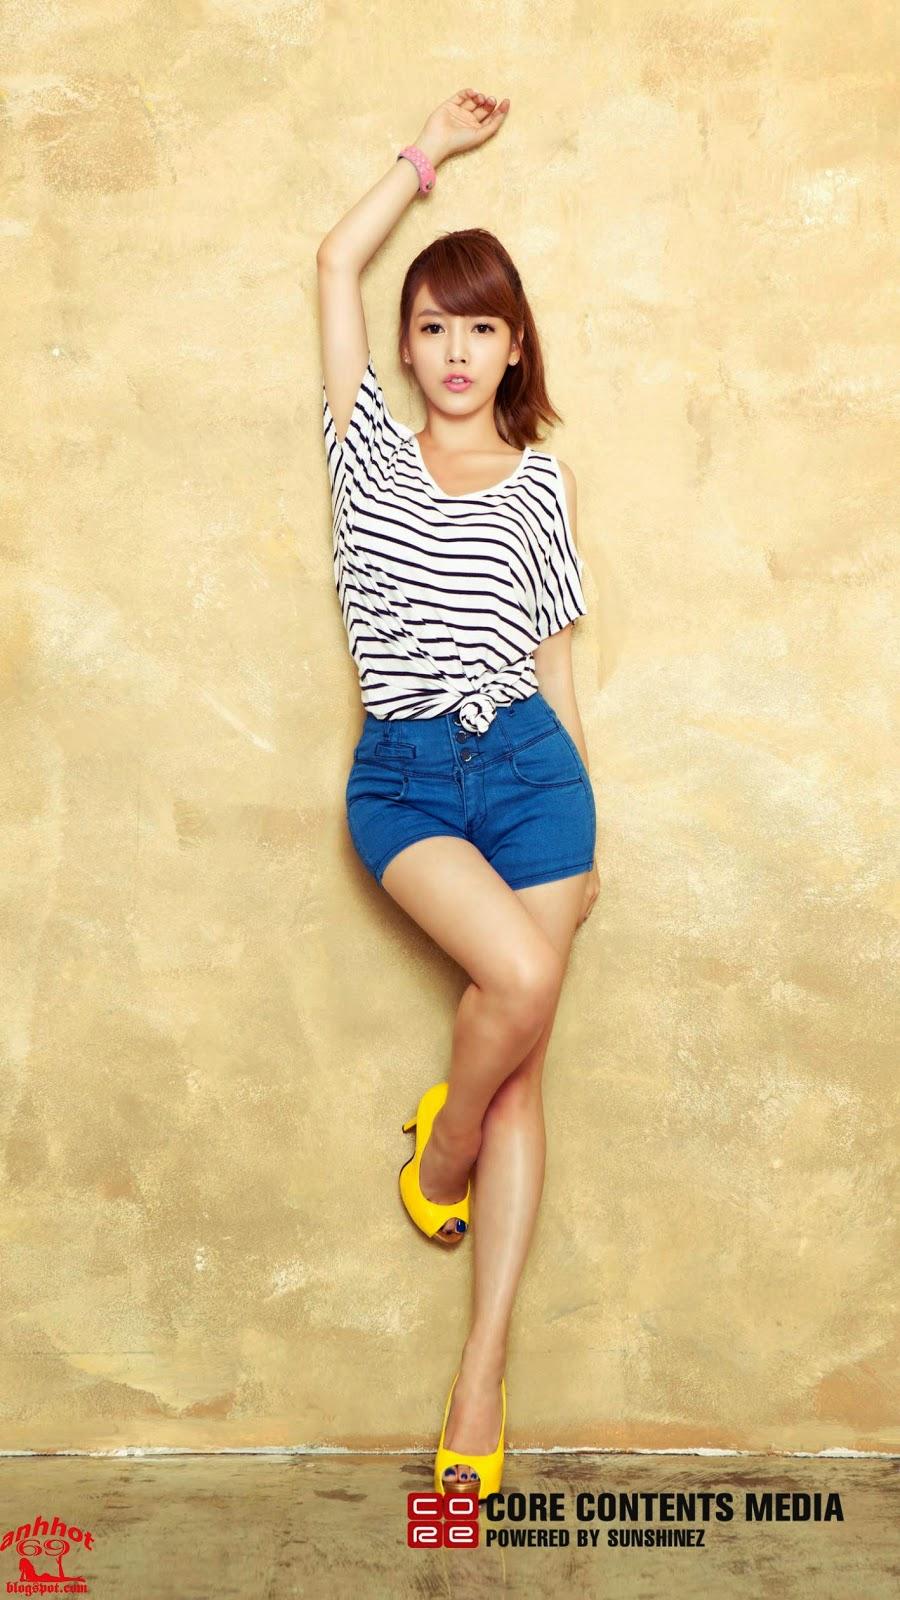 Kpop-Start-Hot_Bnl5w